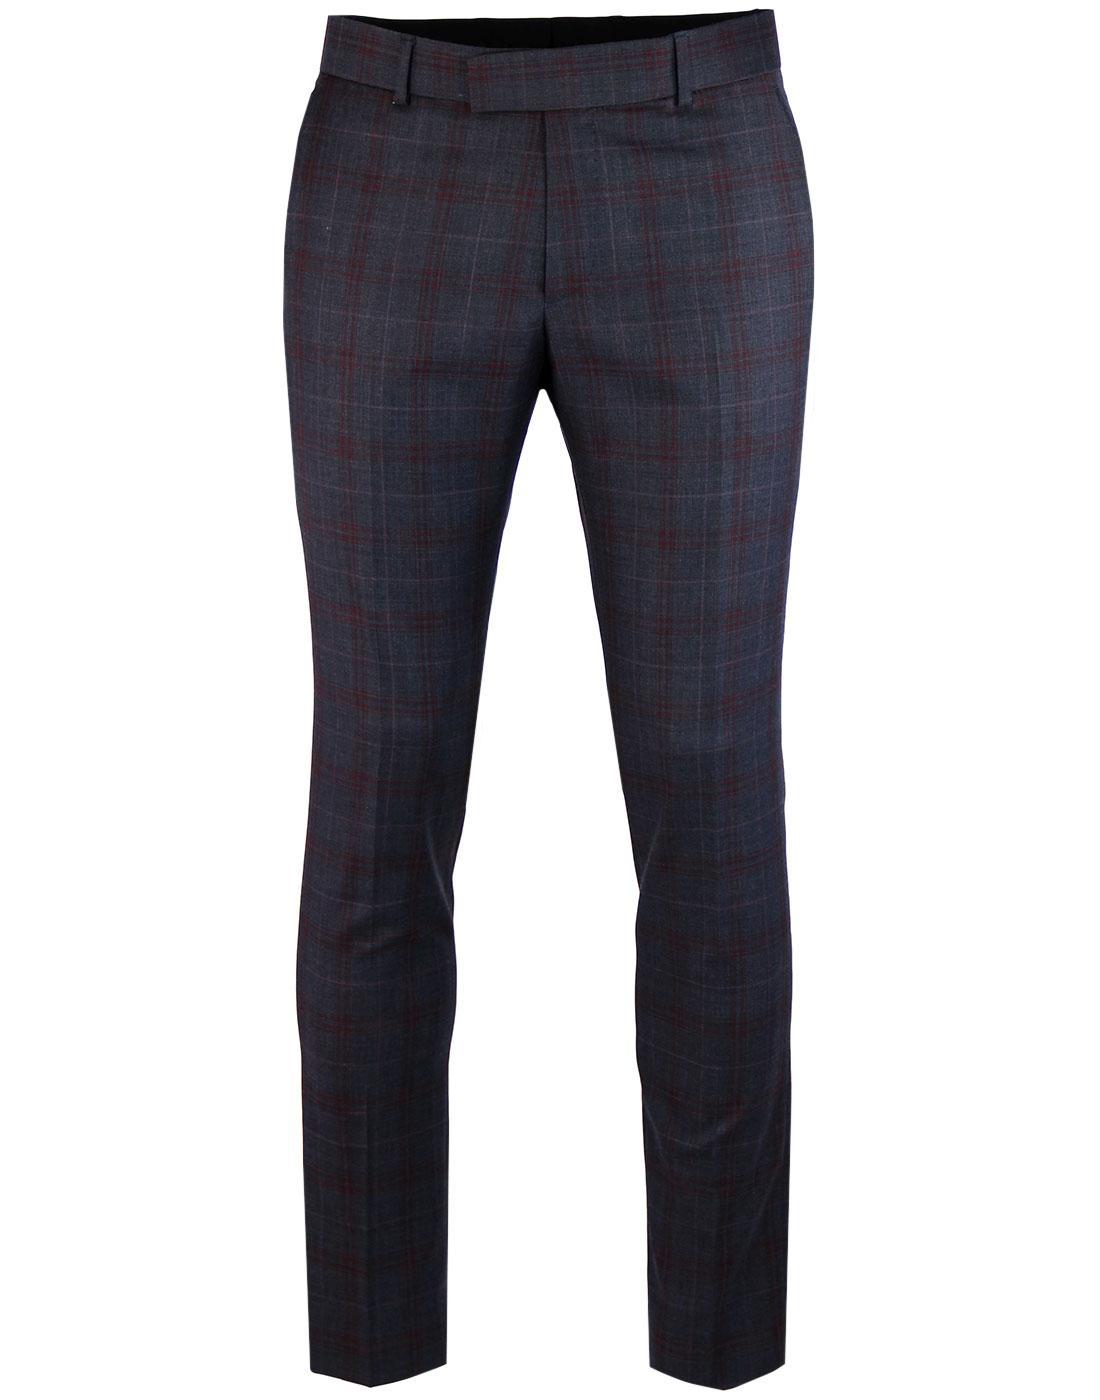 MADCAP ENGLAND Mod Plaid Check Suit Trousers NAVY